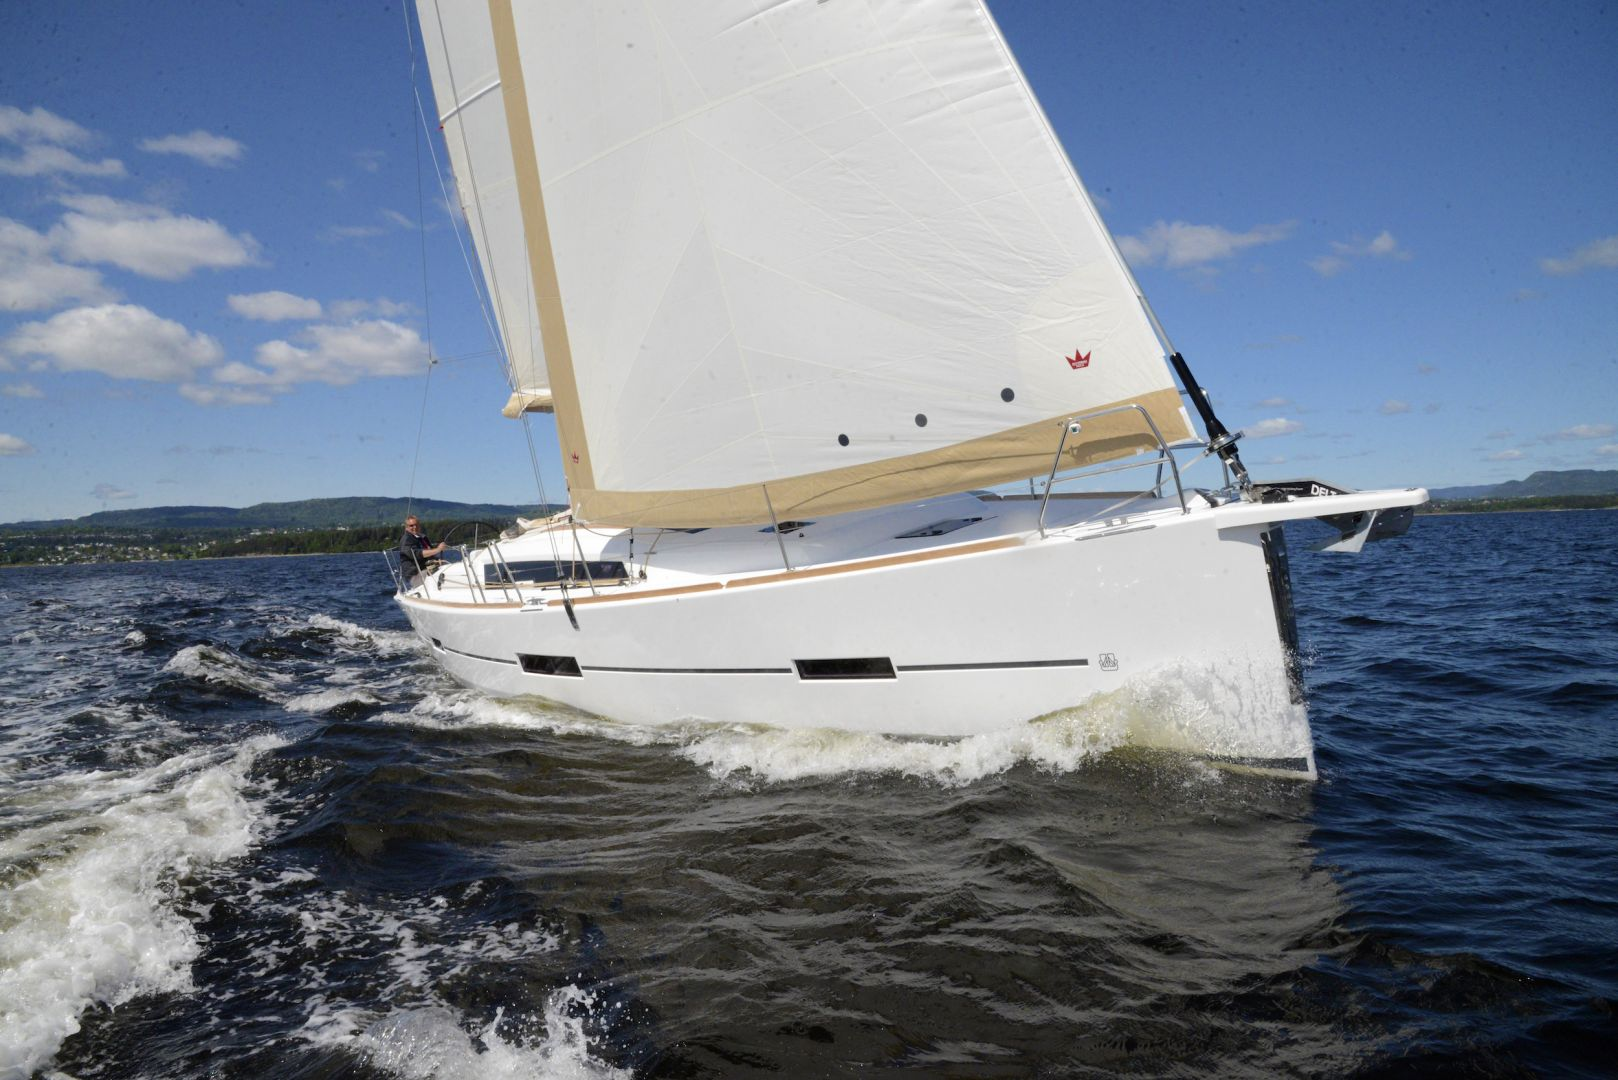 Chartern Sie die Dufour 412 Grand Large PHONIX II ab Kornaten / Dalmatien mit -40,0% Rabatt